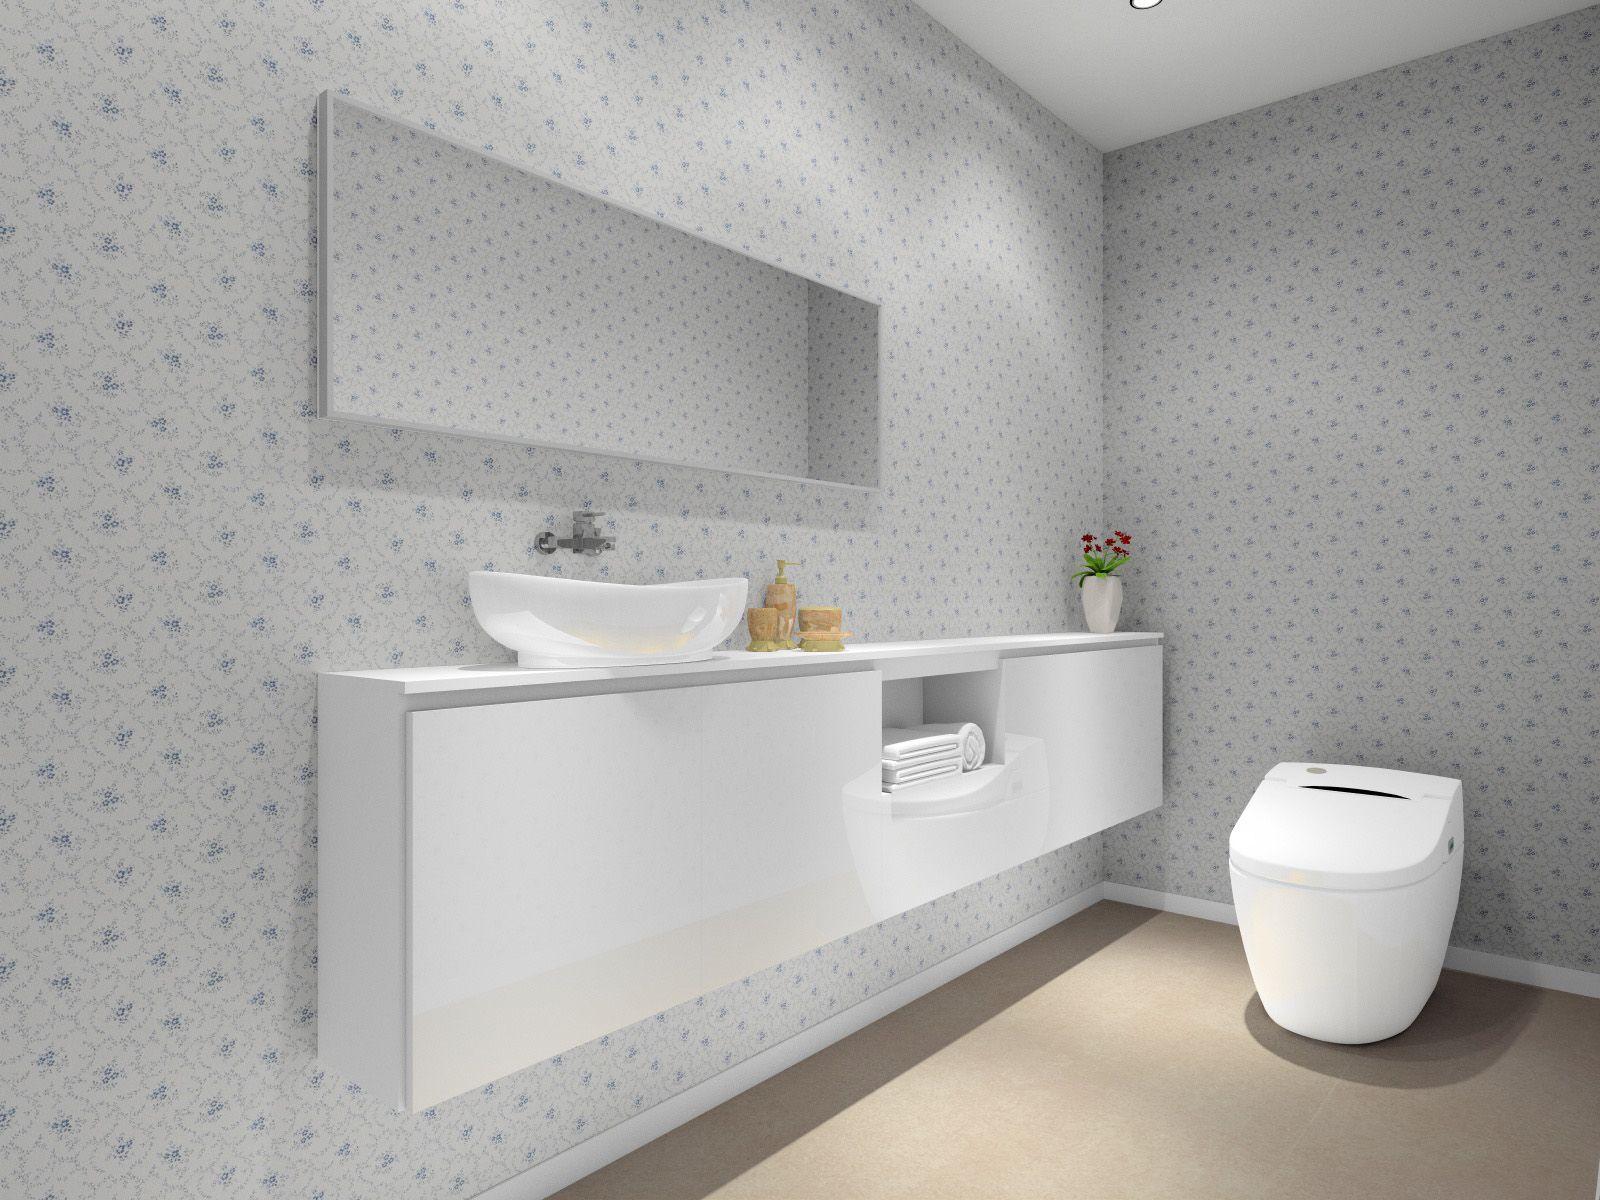 771079 施工例 サンゲツ ホームページ サンゲツ トイレ 施工